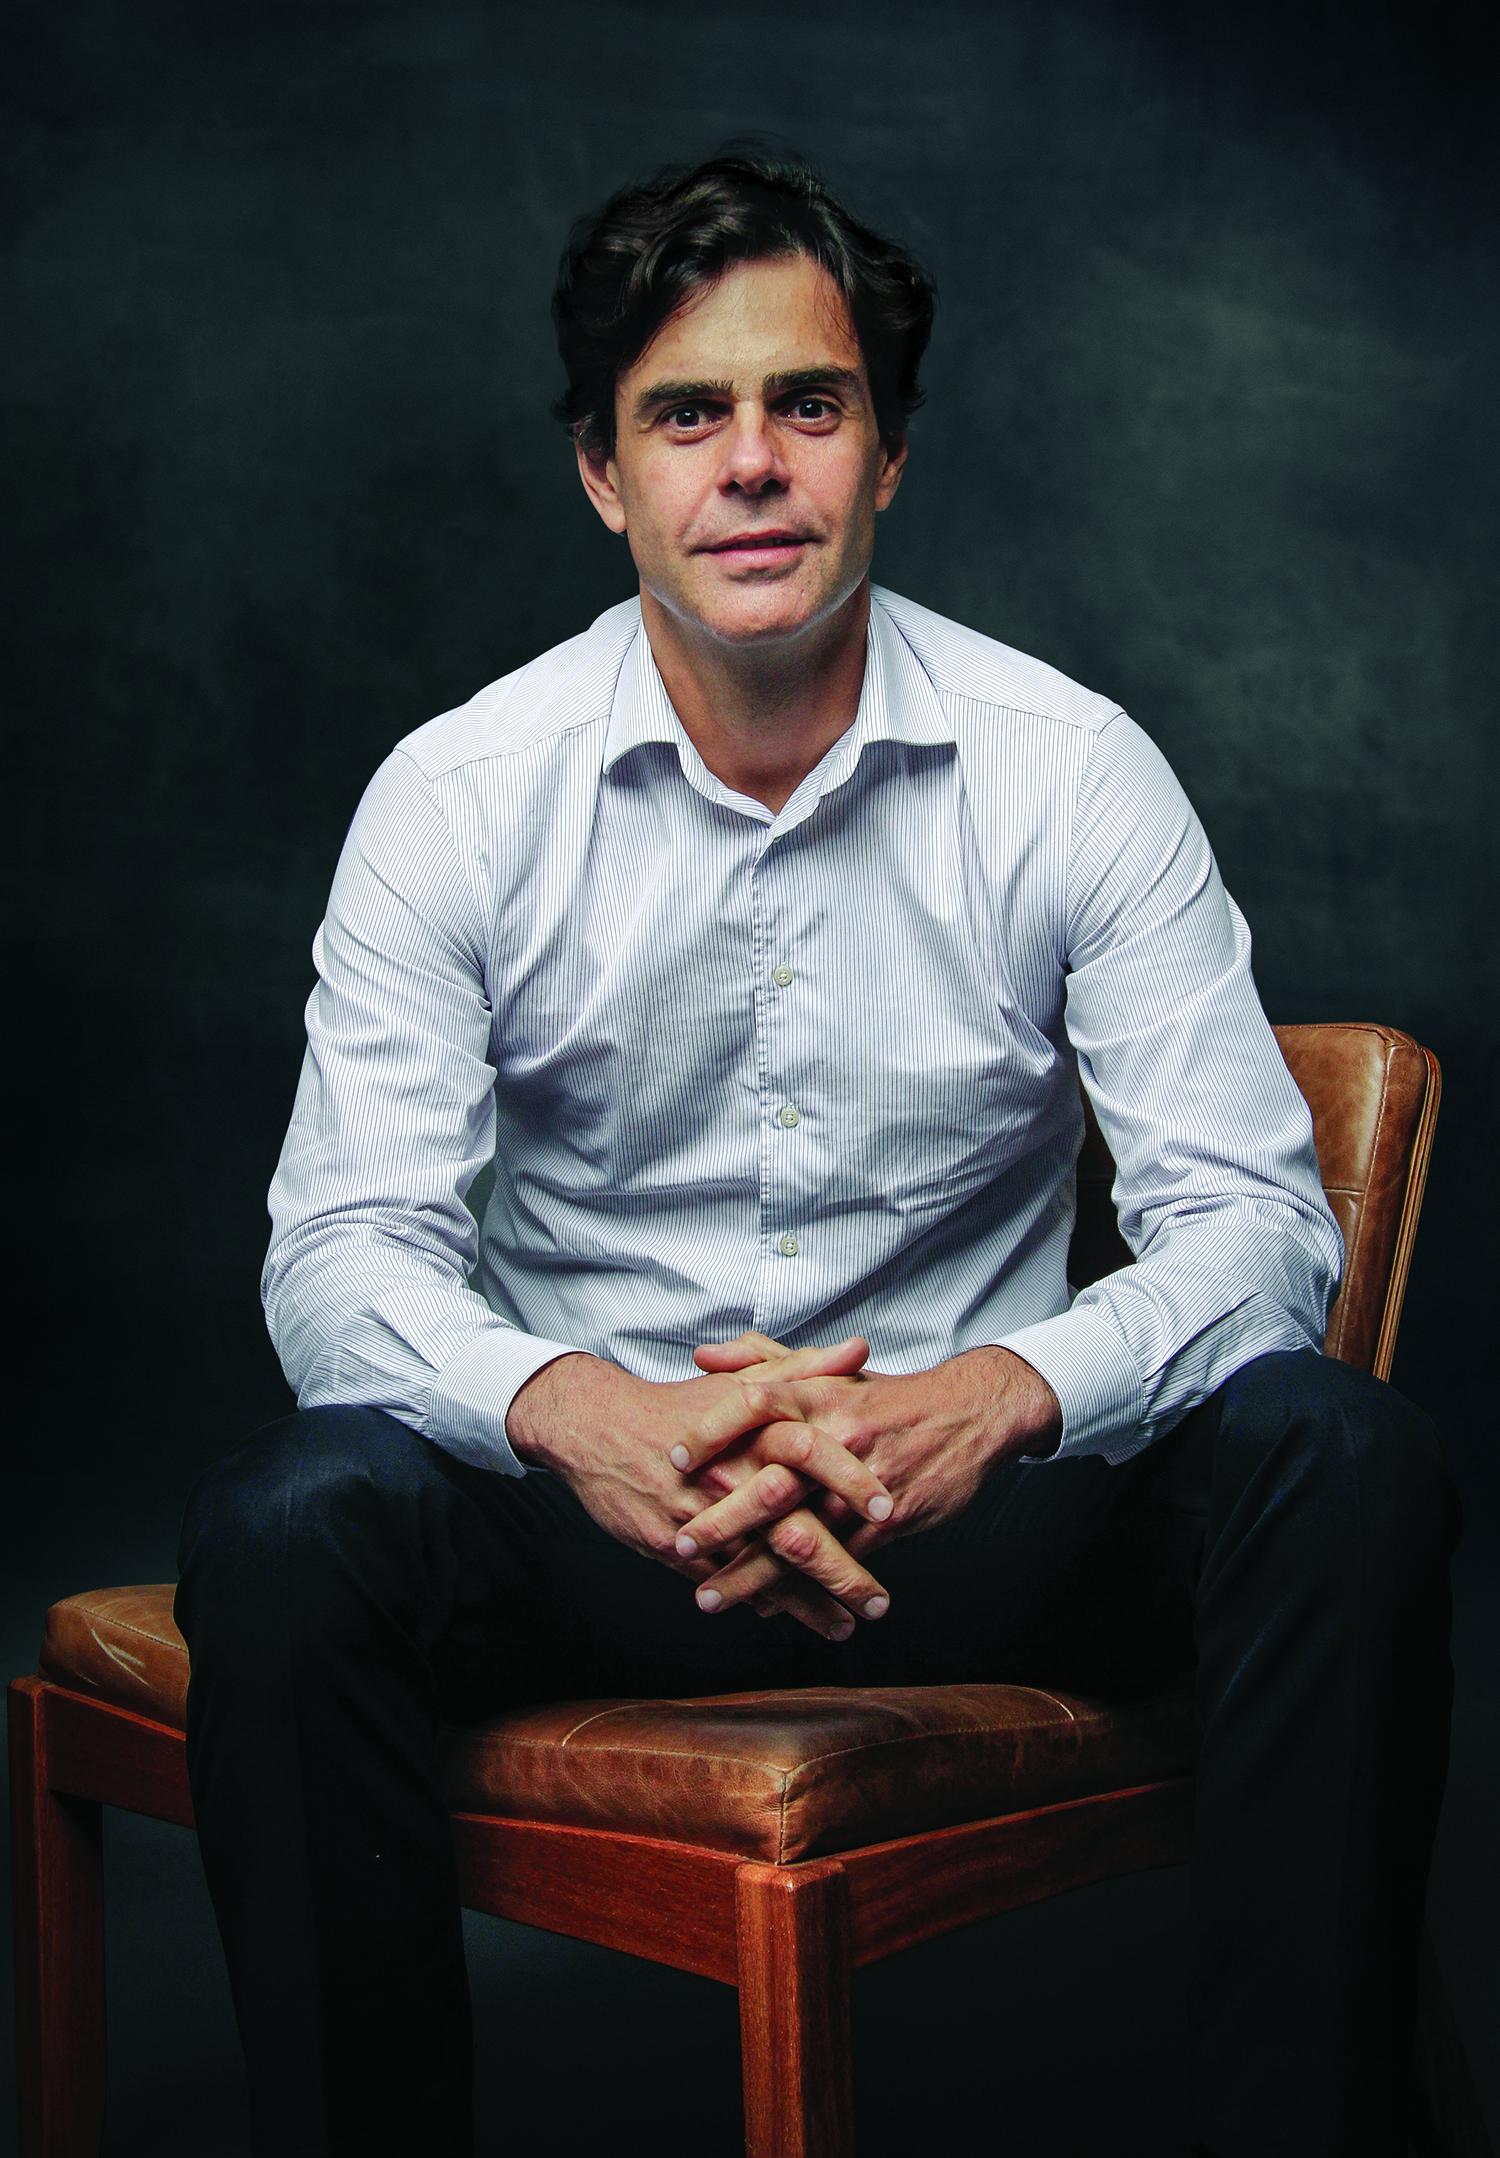 Guilherme Benchimol - Grupo XP - dicas - negócios - empreendedorismo - sucesso